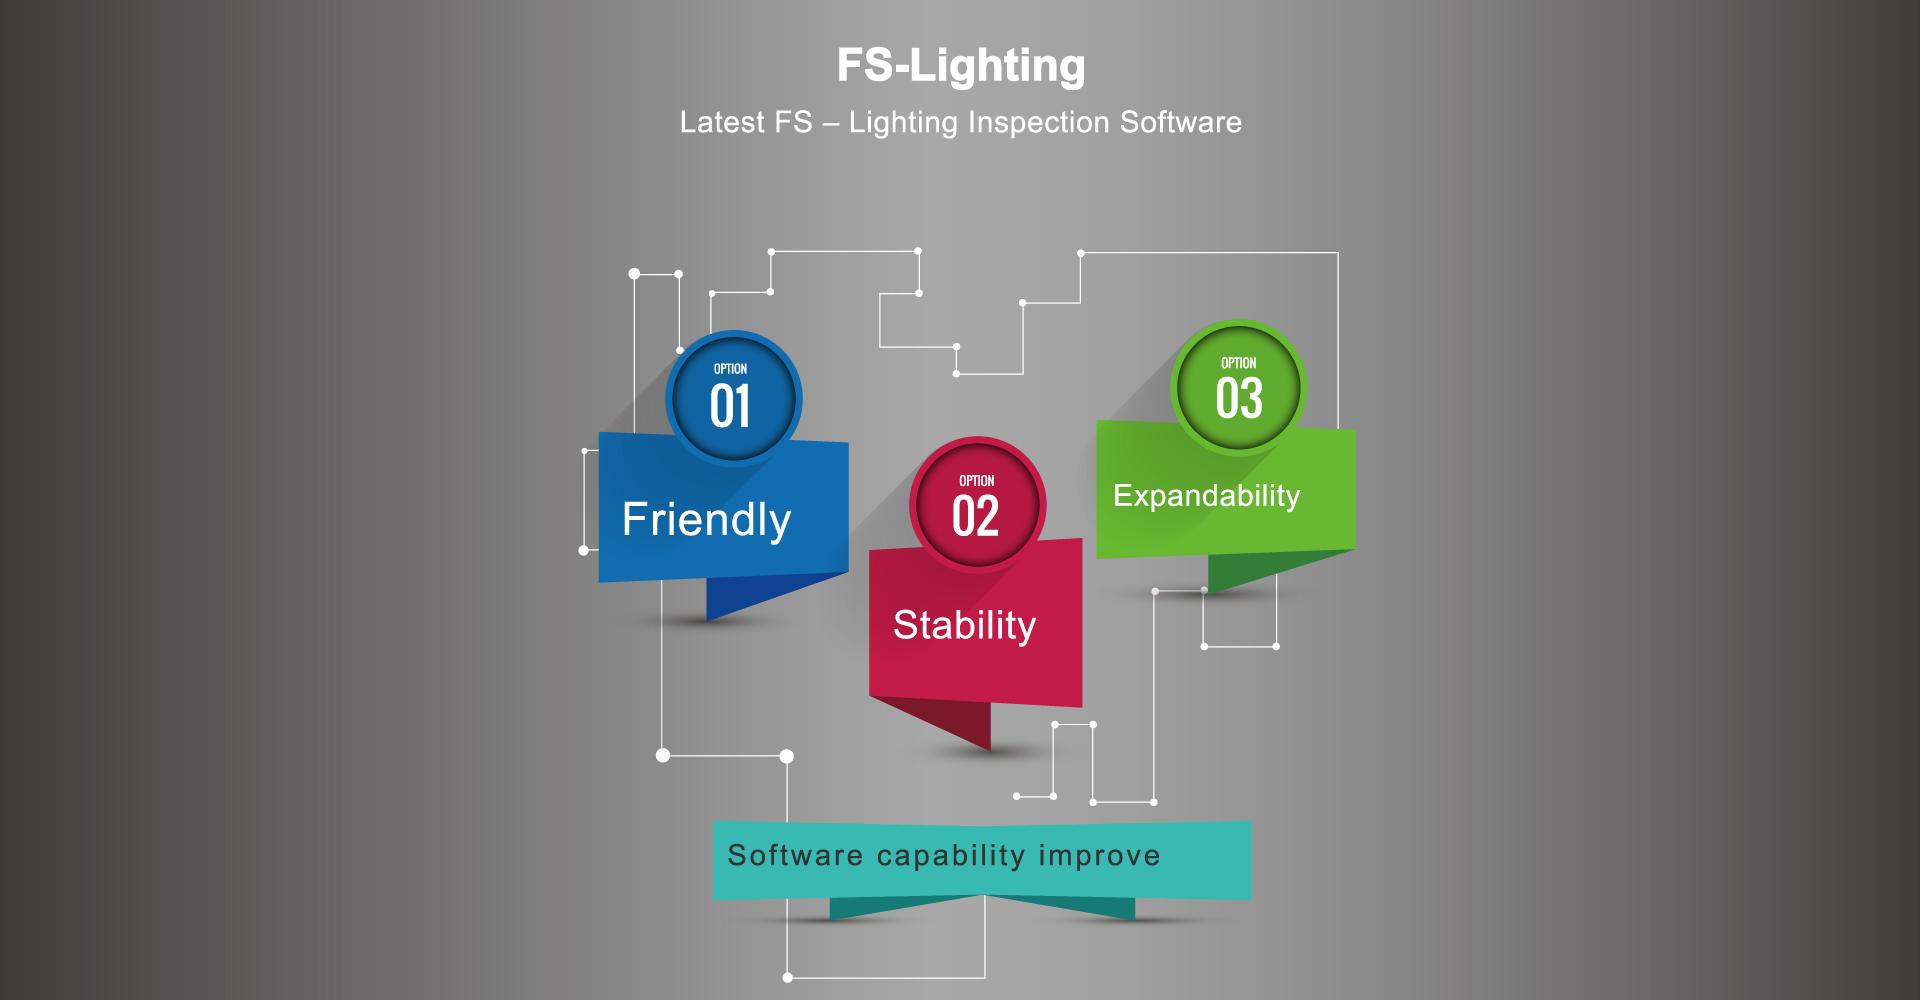 FS-Lighting Latest FS – Lighting Inspection Software